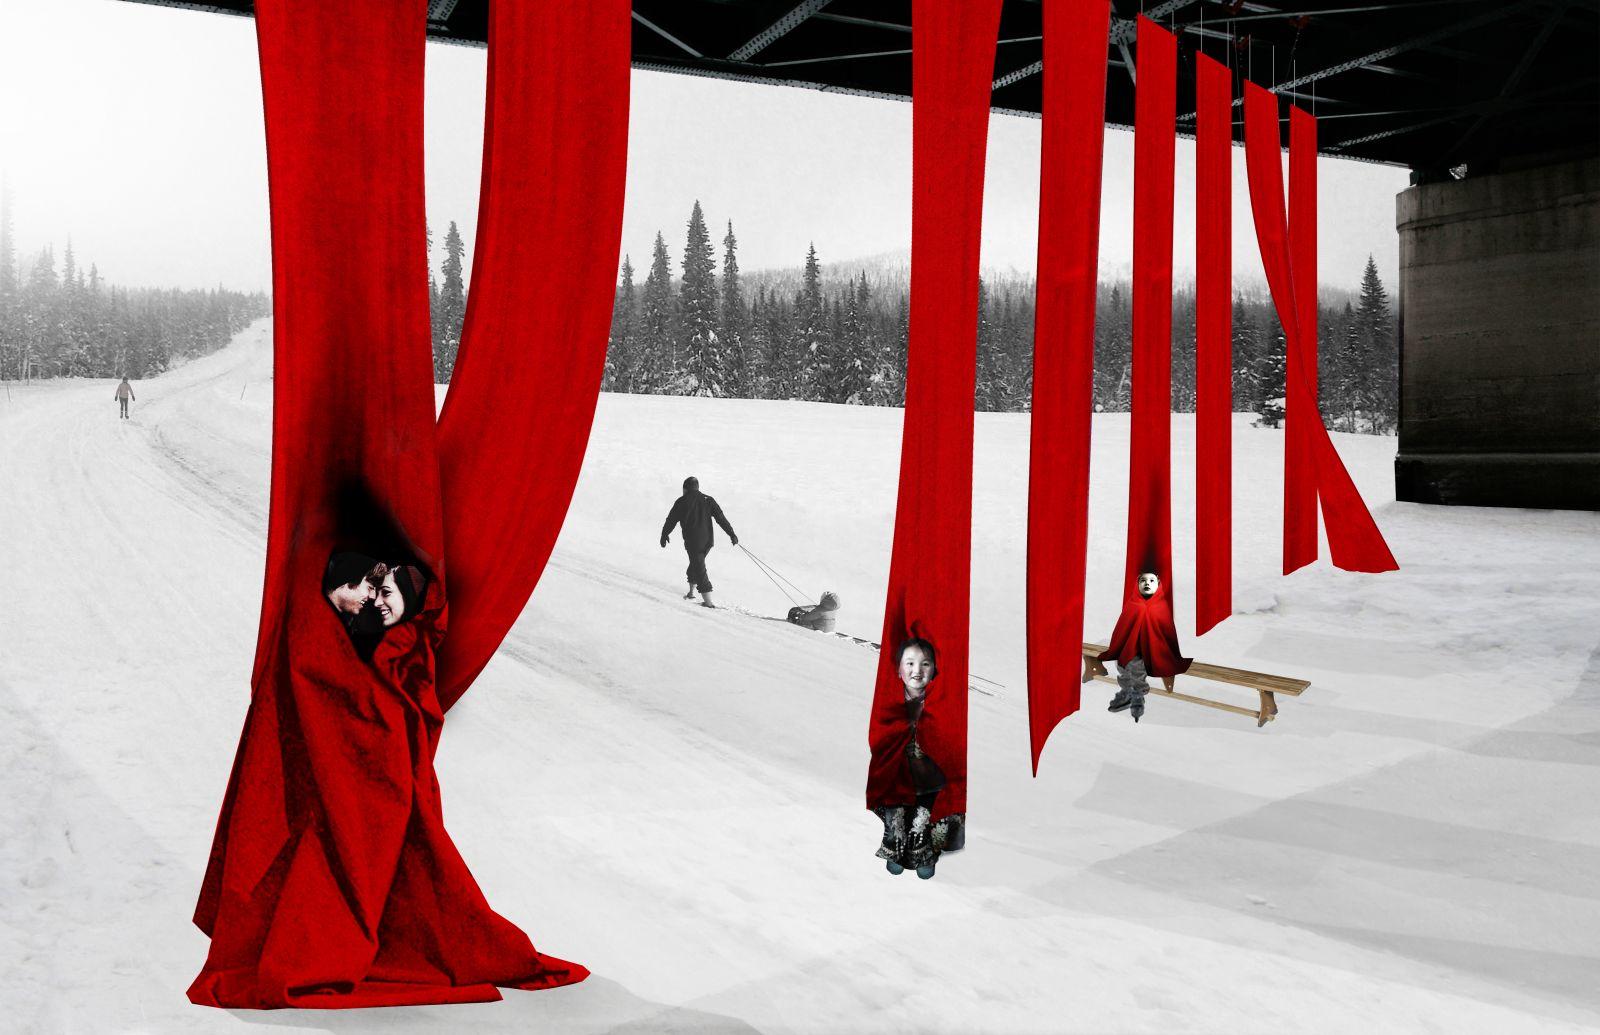 Im Wettbewerb um die besten wärmenden Ideen kamen hängende Decken auf den zweiten Platz, in die man sich einwickeln kann.